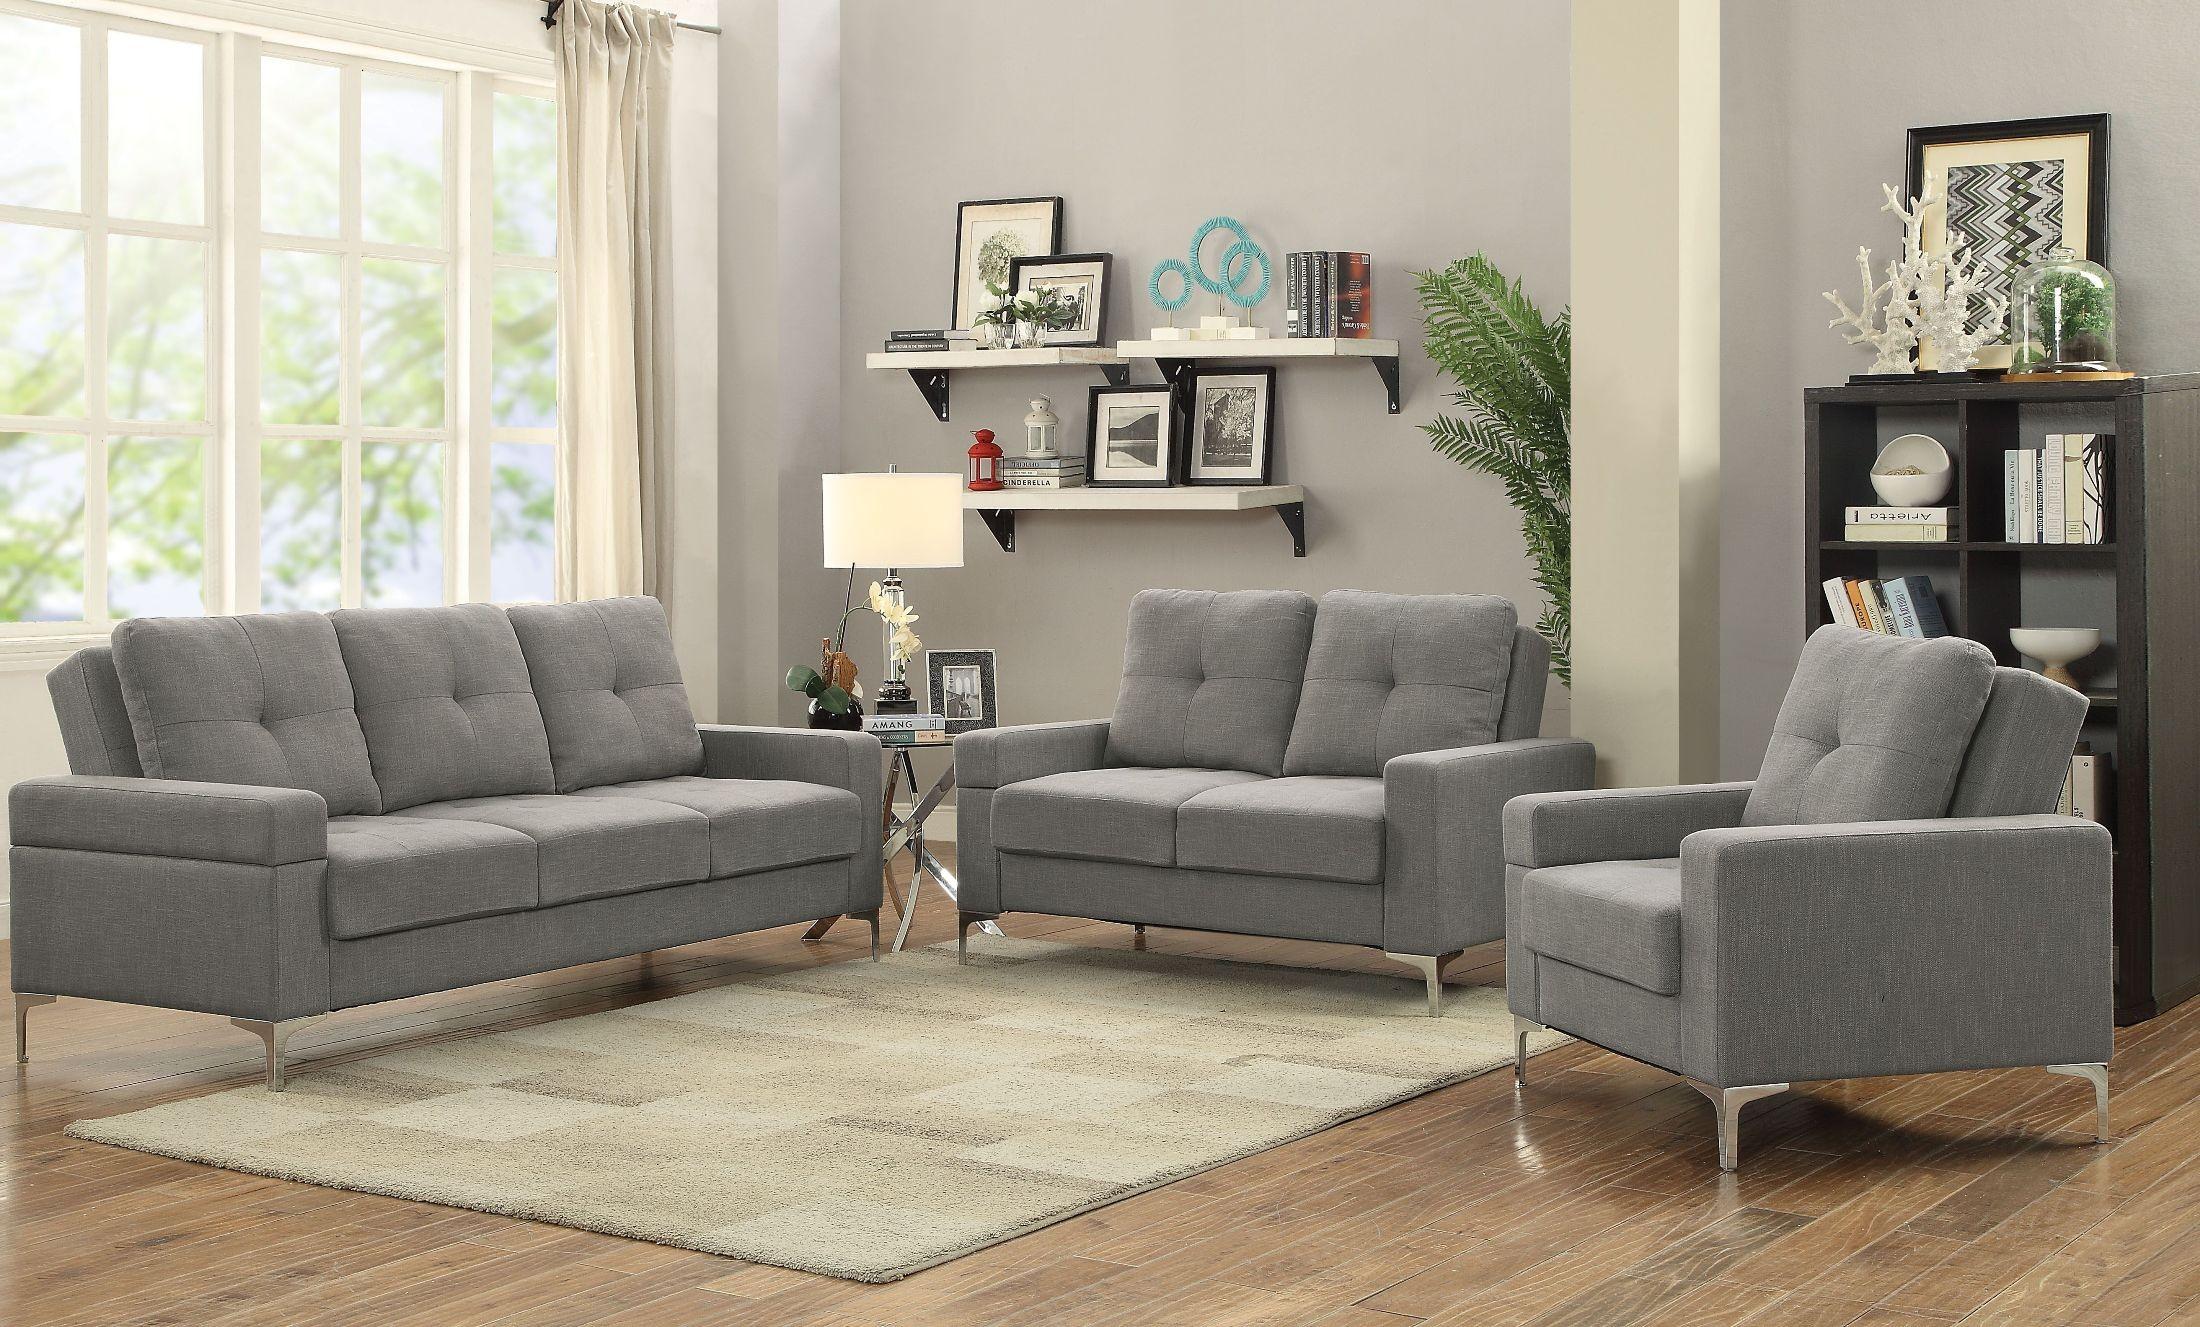 Dorian gray linen adjustable living room set media gallery